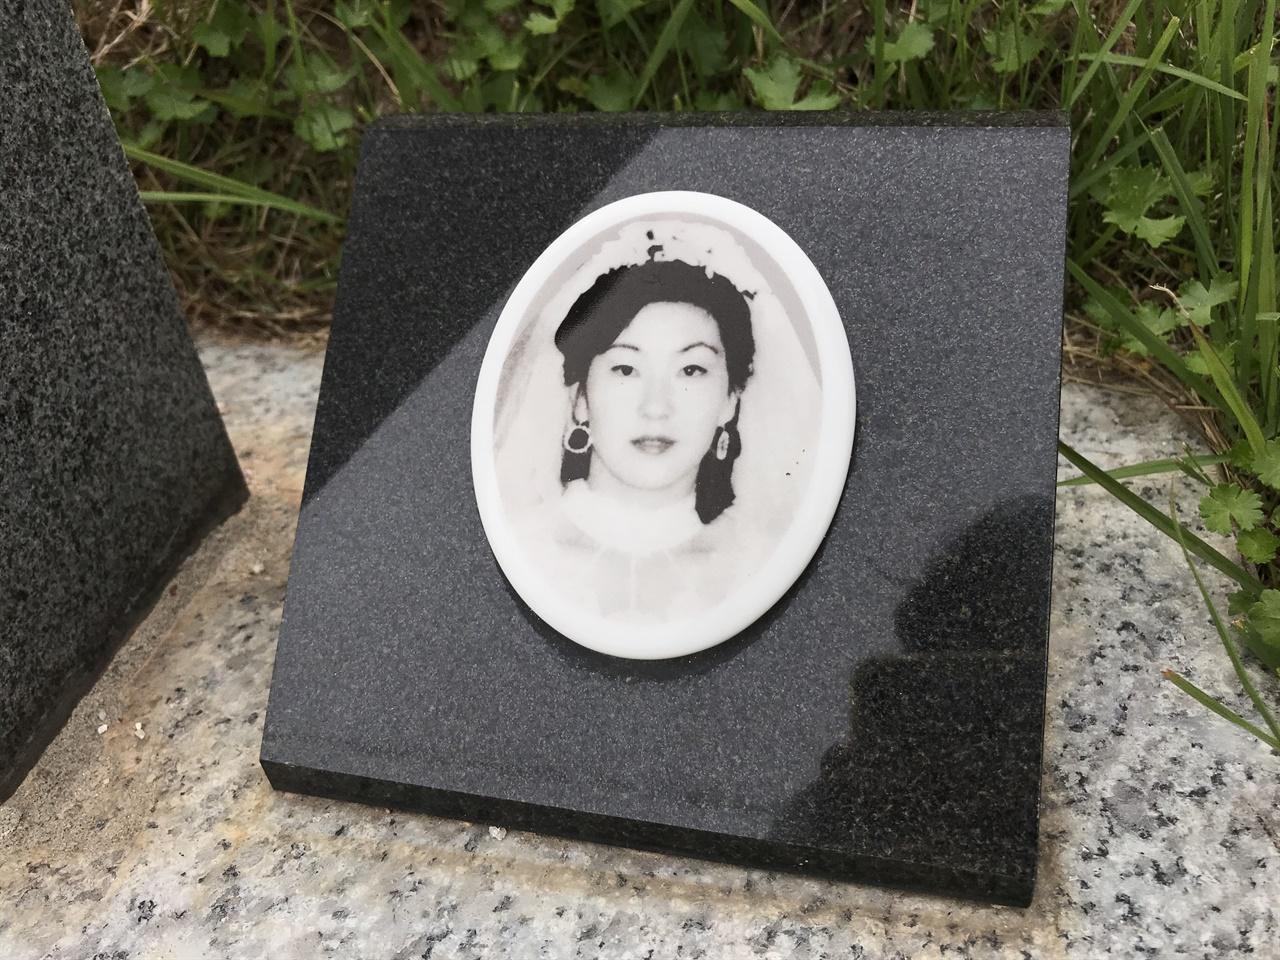 오월의 신부 최미애 씨는 5월 21일 전남대 부근에서 계엄군이 쏜 총에 머리를 맞아 숨졌다. 남편을 기다리던 그녀는 당시 임신 8개월이었다. 그녀가 총을 맞은 후 꿈틀대던 태아도 살리지 못했다. 망월동 구 묘역에 있던 그녀의 무덤은 국립 5.18민주묘역이 조성되면서 옮겨 왔다. 묘지 번호는 1-60이다.